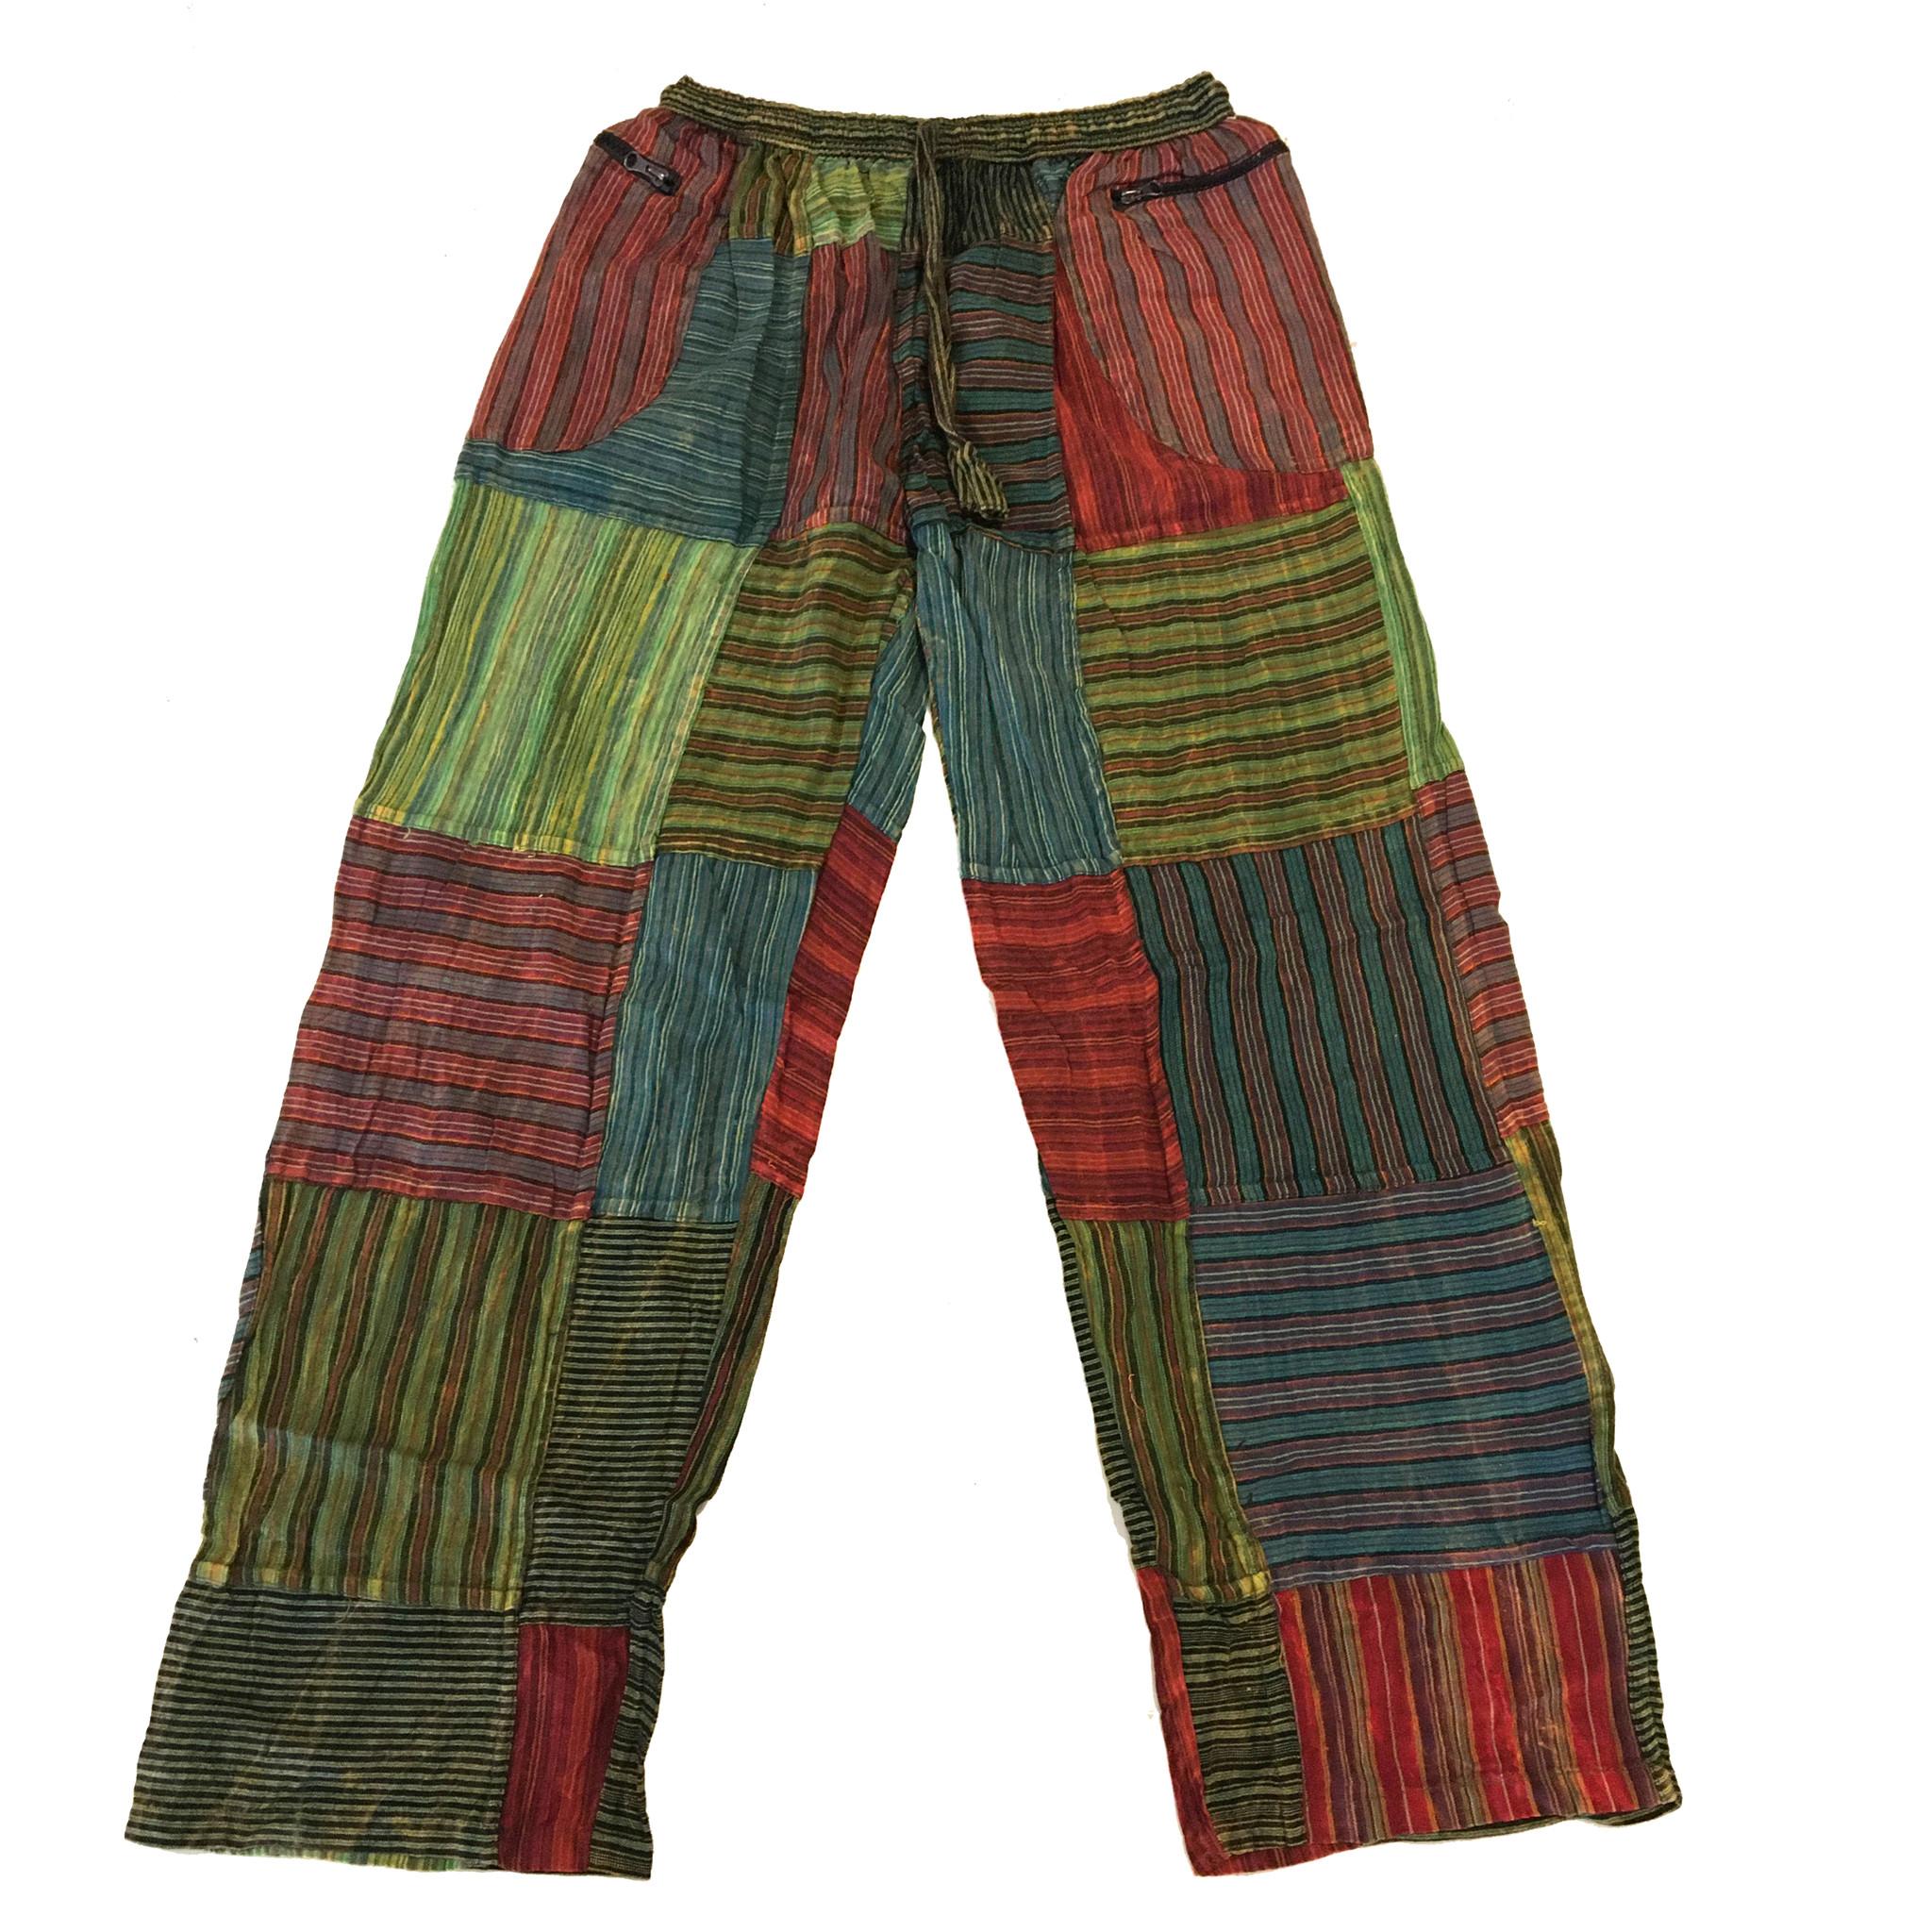 WILLIAM PANTS Cotton Stonewash Patchwork  Pants